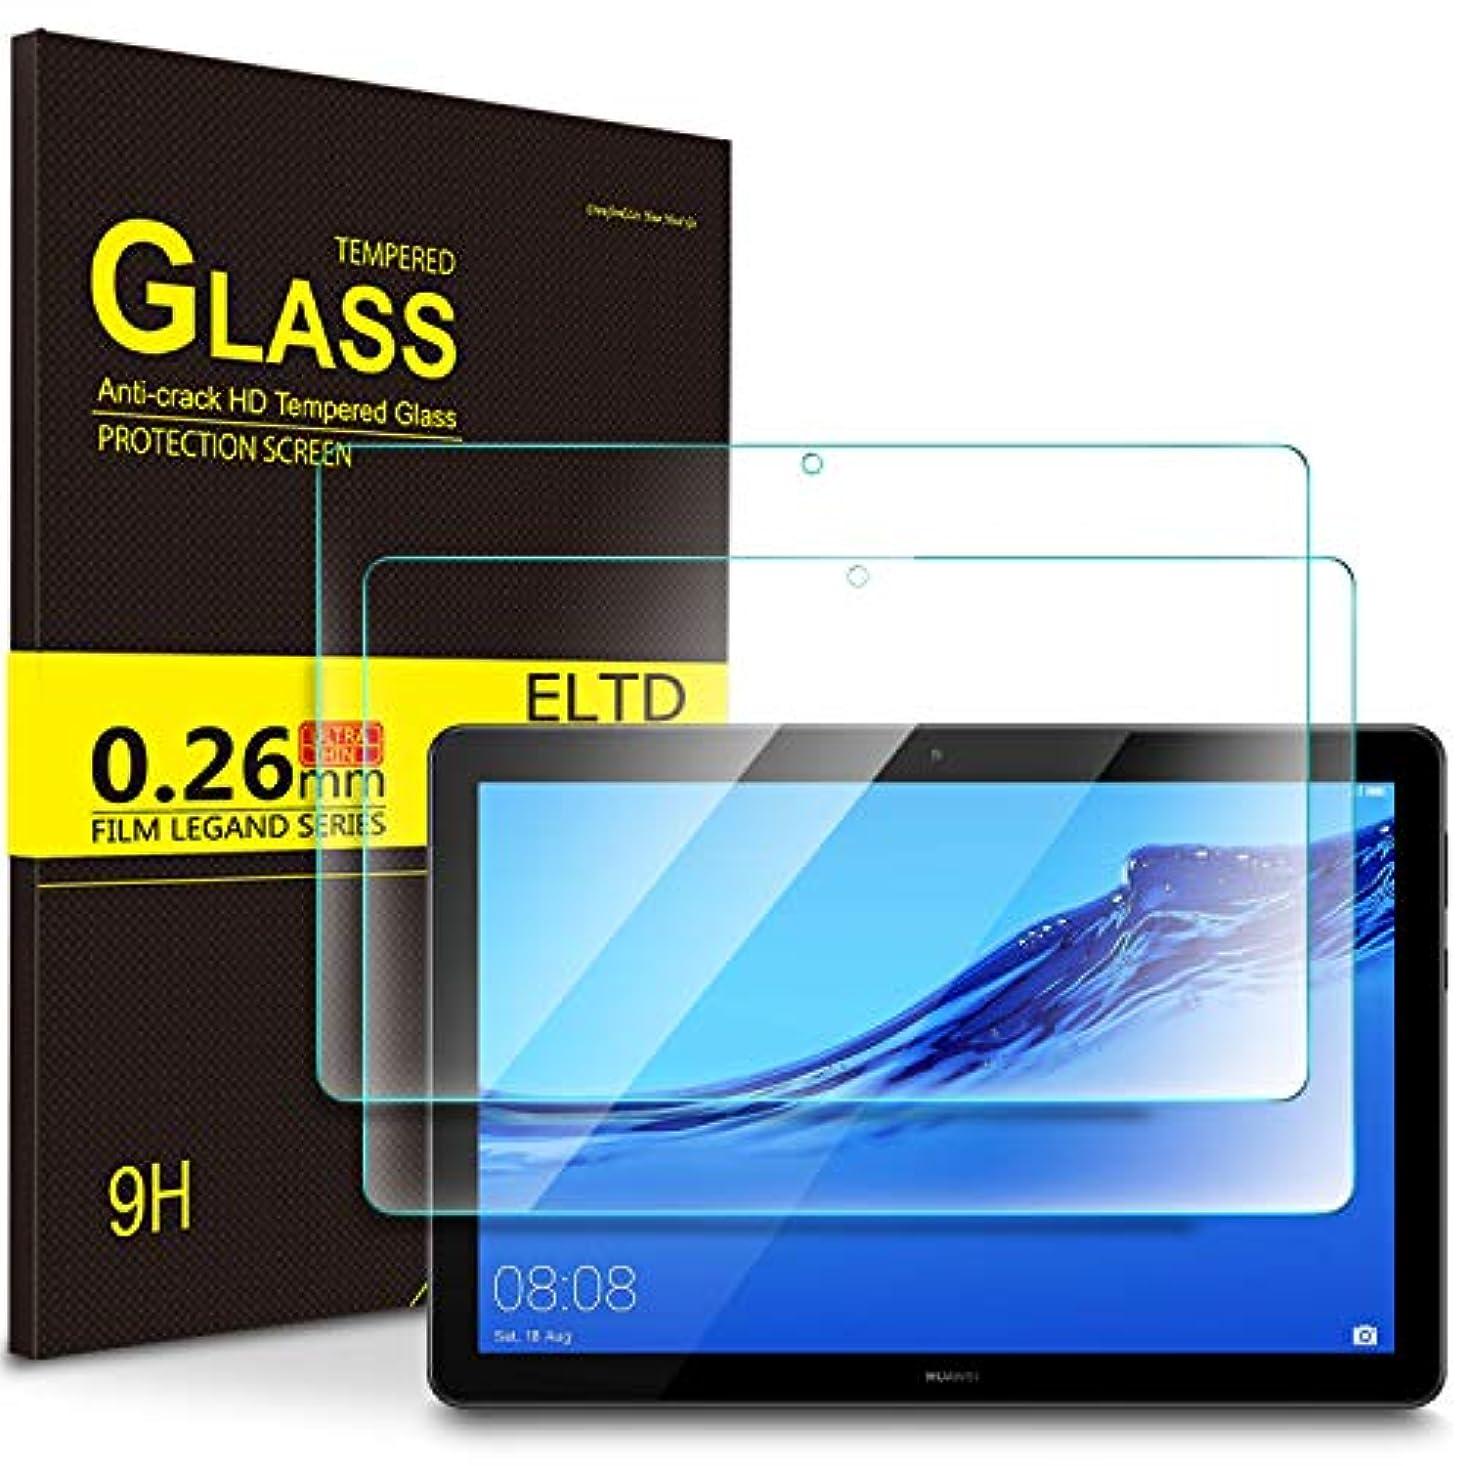 シーズンタップ半島ELTD Huawei タブレットMediaPad T5 10ガラスフィルム 2枚セットファーウェイジャパン MediaPad T5 10.1インチ保護フィルム 日本旭硝子製 耐指紋 高透過率 気泡ゼロ 硬度9H 日本語説明書付き